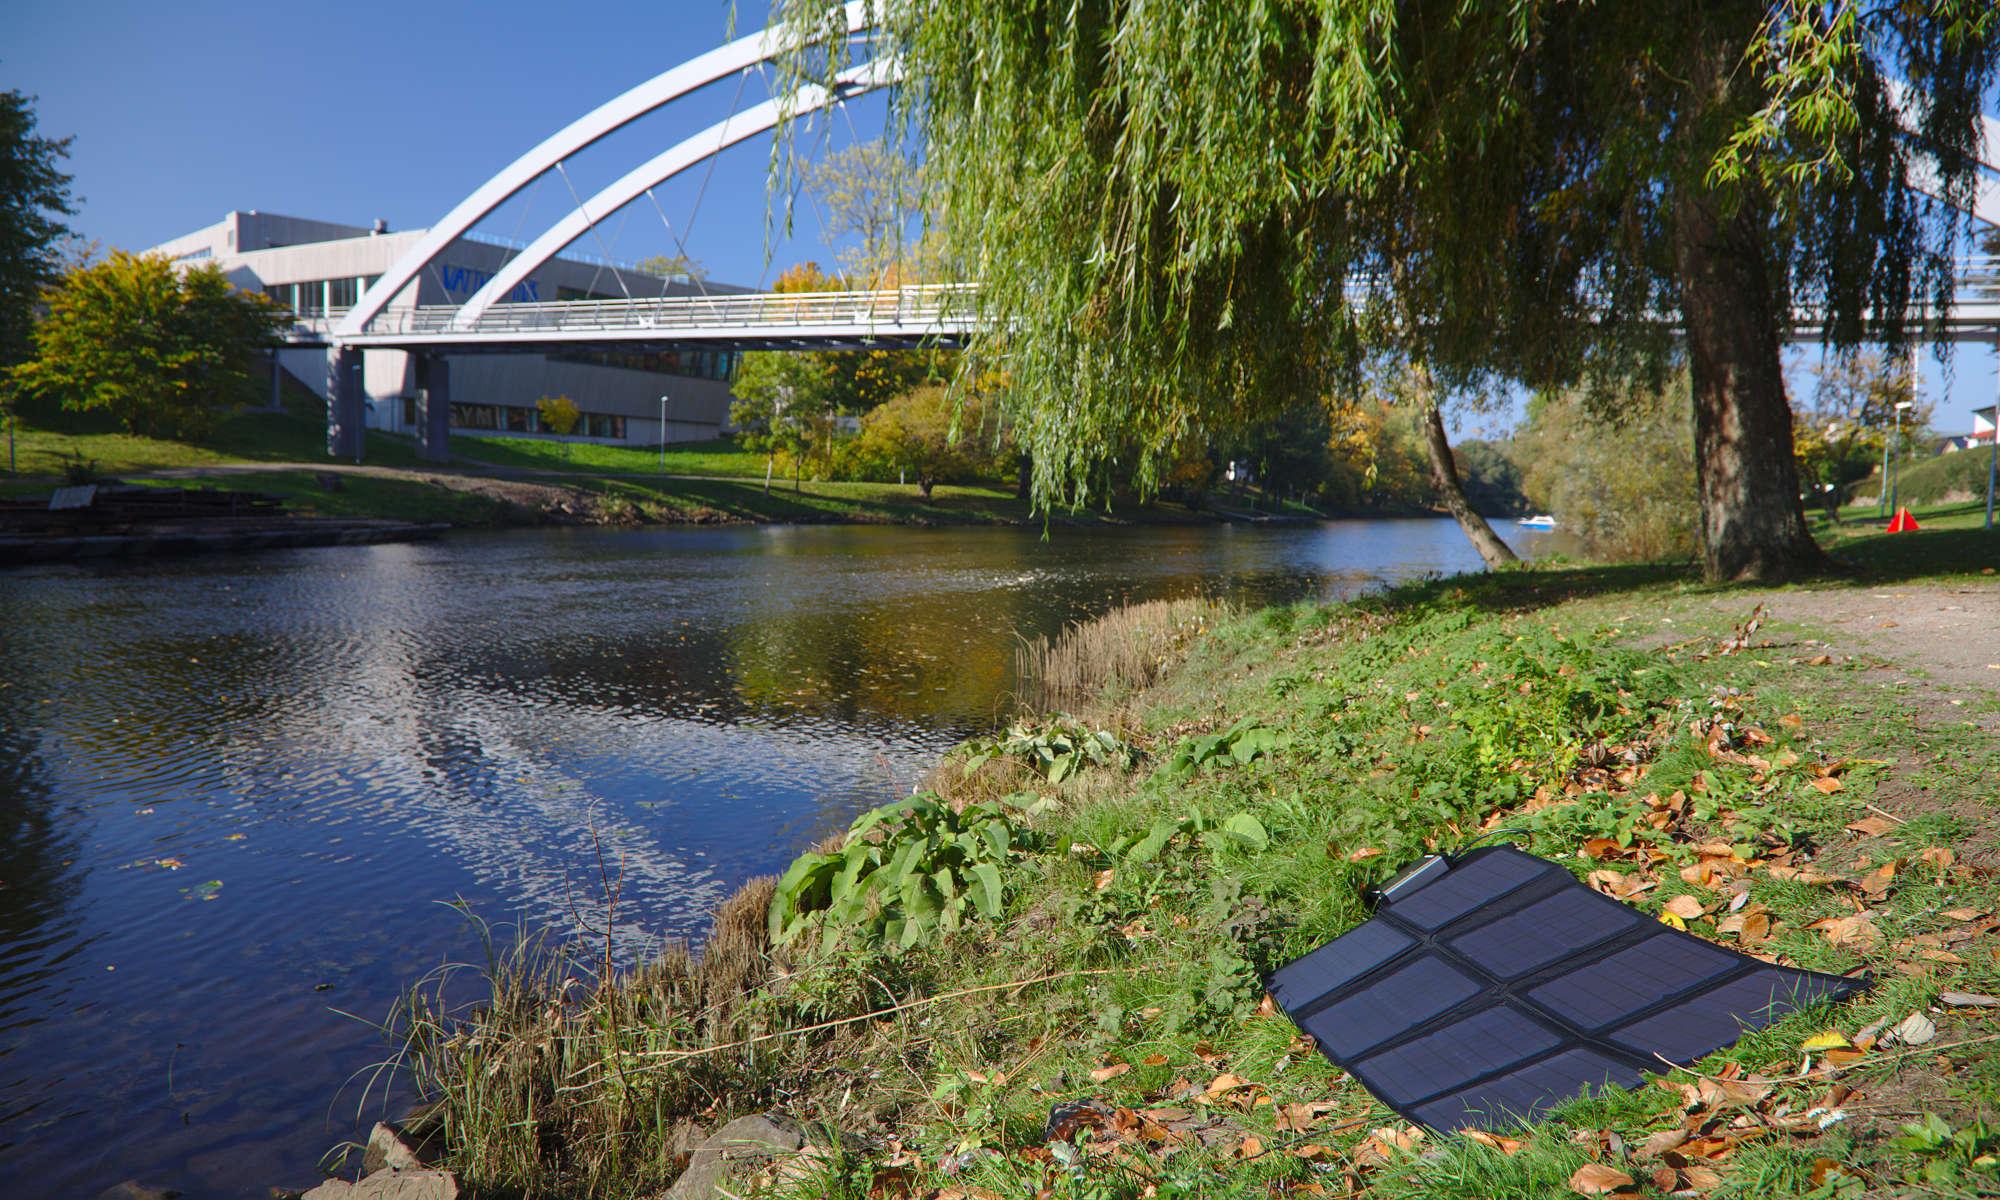 Polaroid vikbara solceller SP100 på gräset bredvid Rönne å